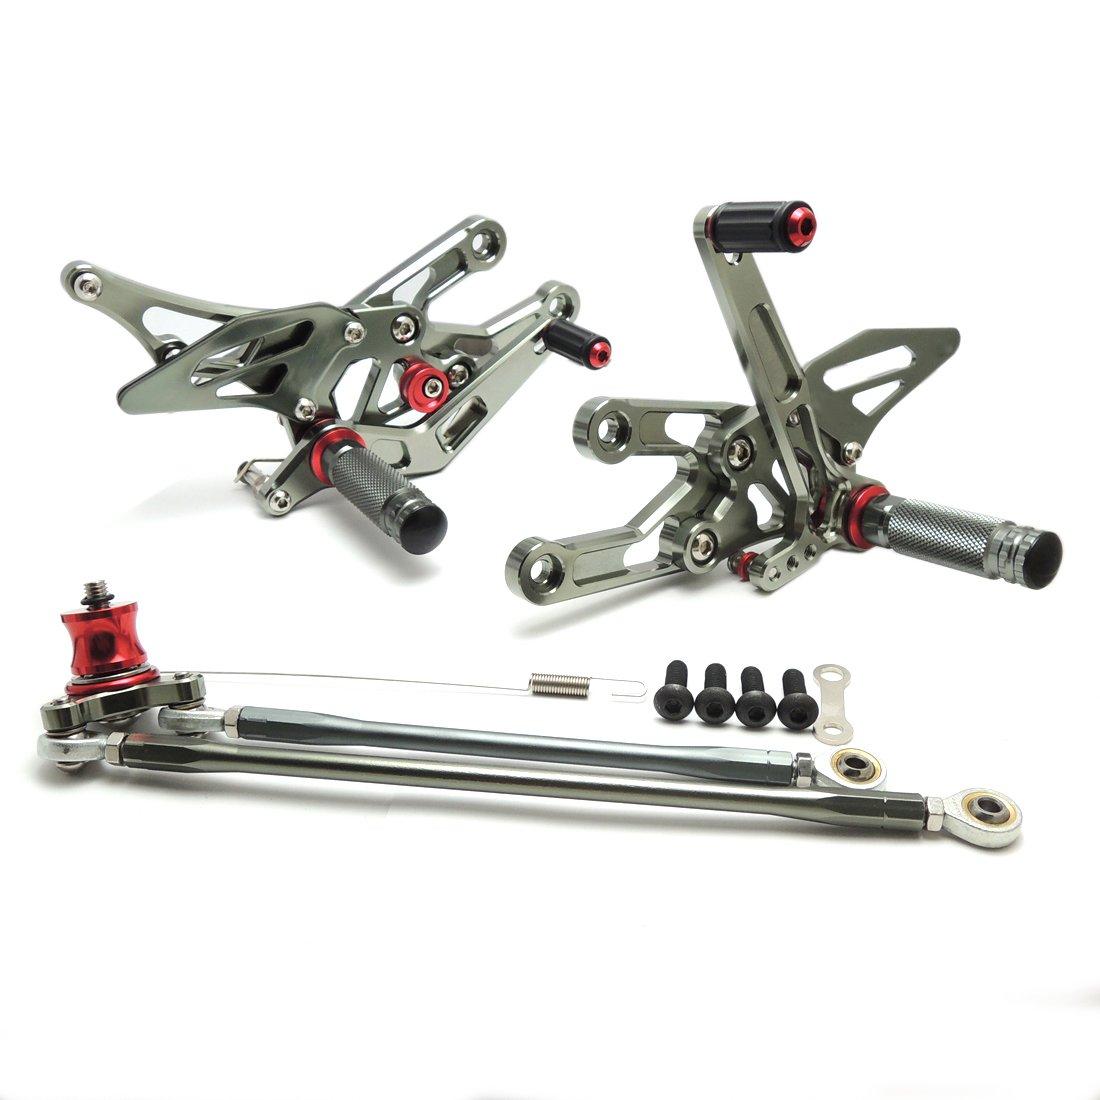 CBR 1000 RR Rearsets Rear Sets Foot Rest Footpeg Adjustable for Honda CBR1000RR 2004-2007 CBR600RR 2003-2006